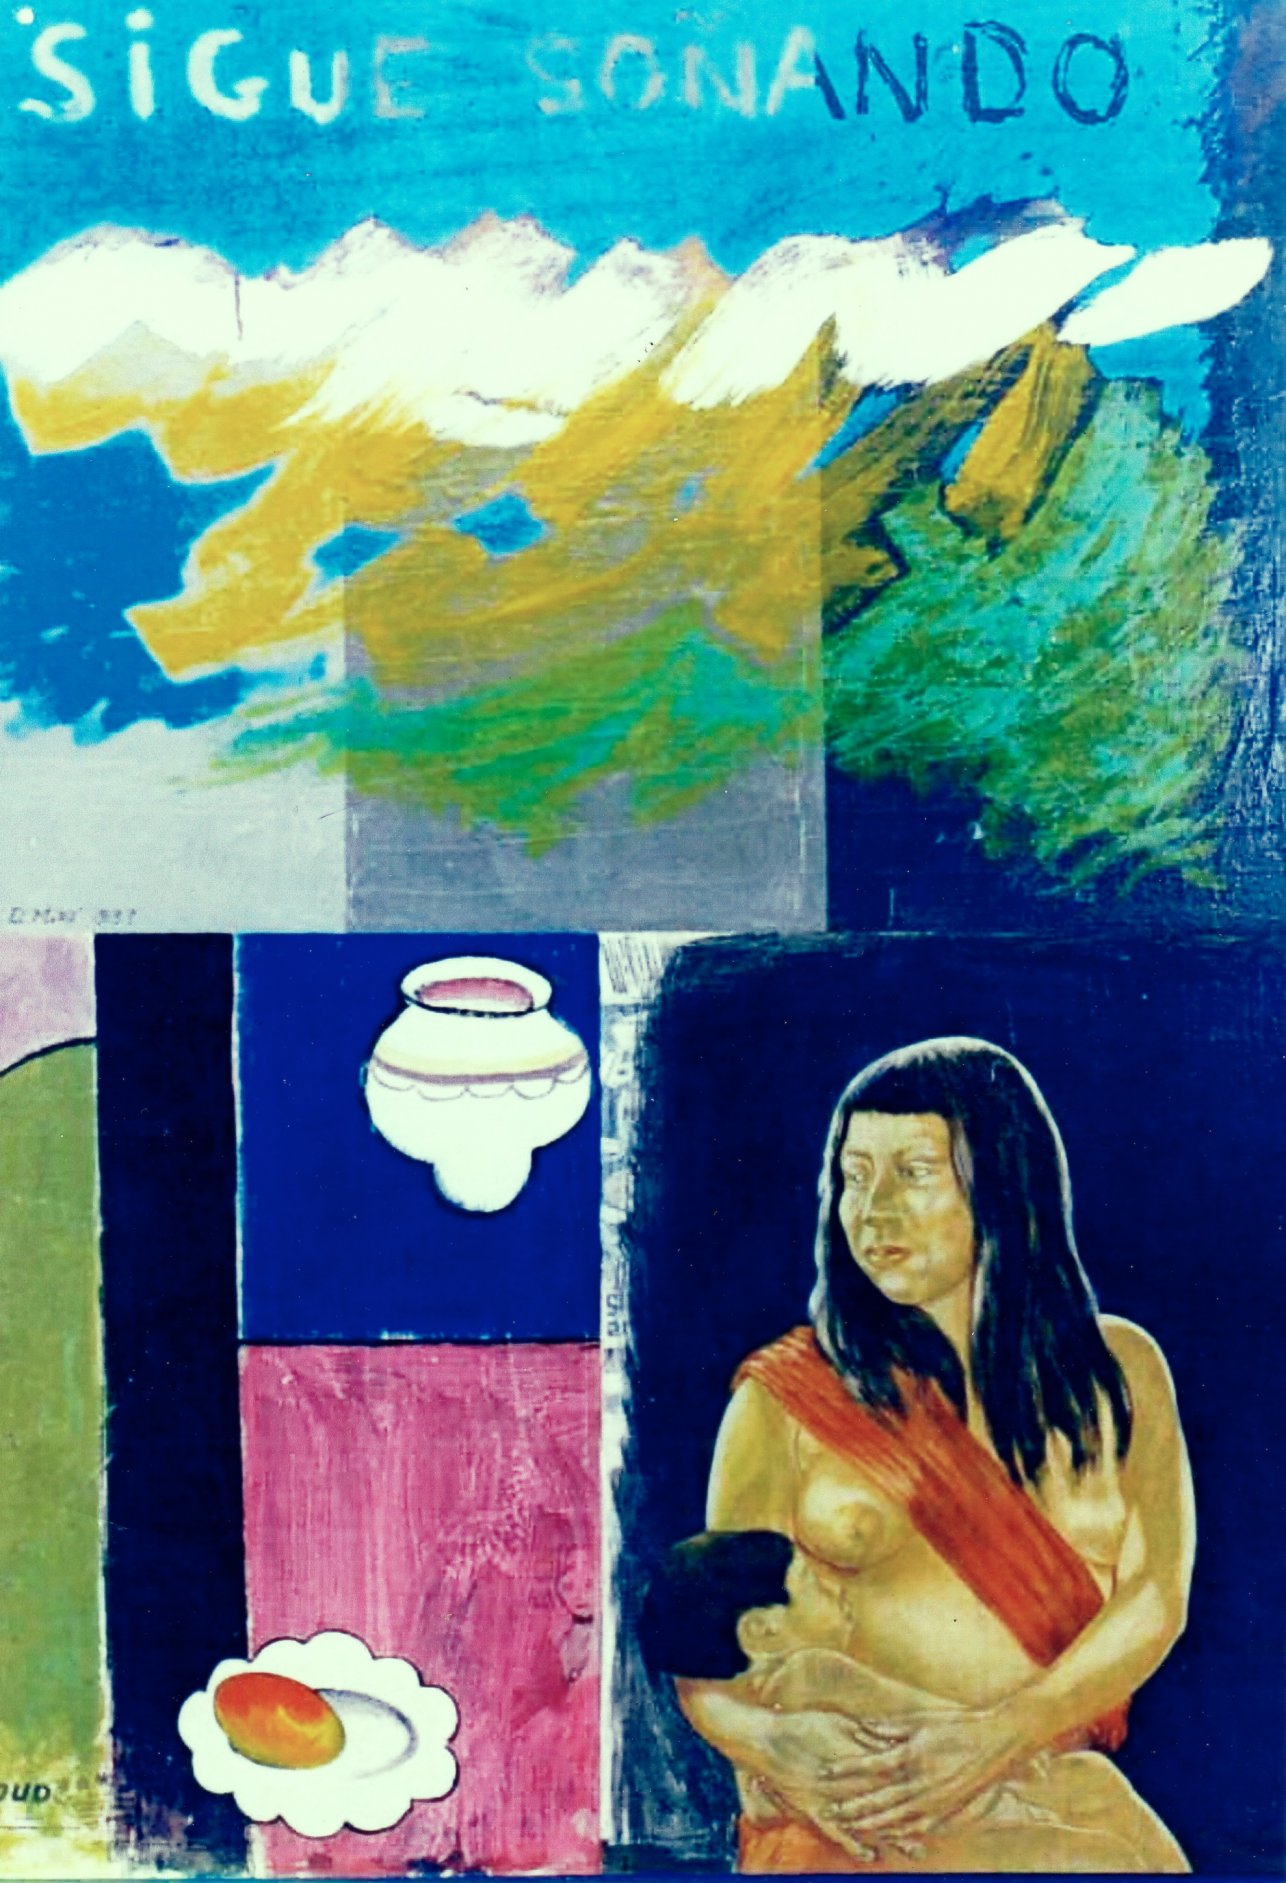 Sigue soñando (1995) - Luis Pannier Fraino